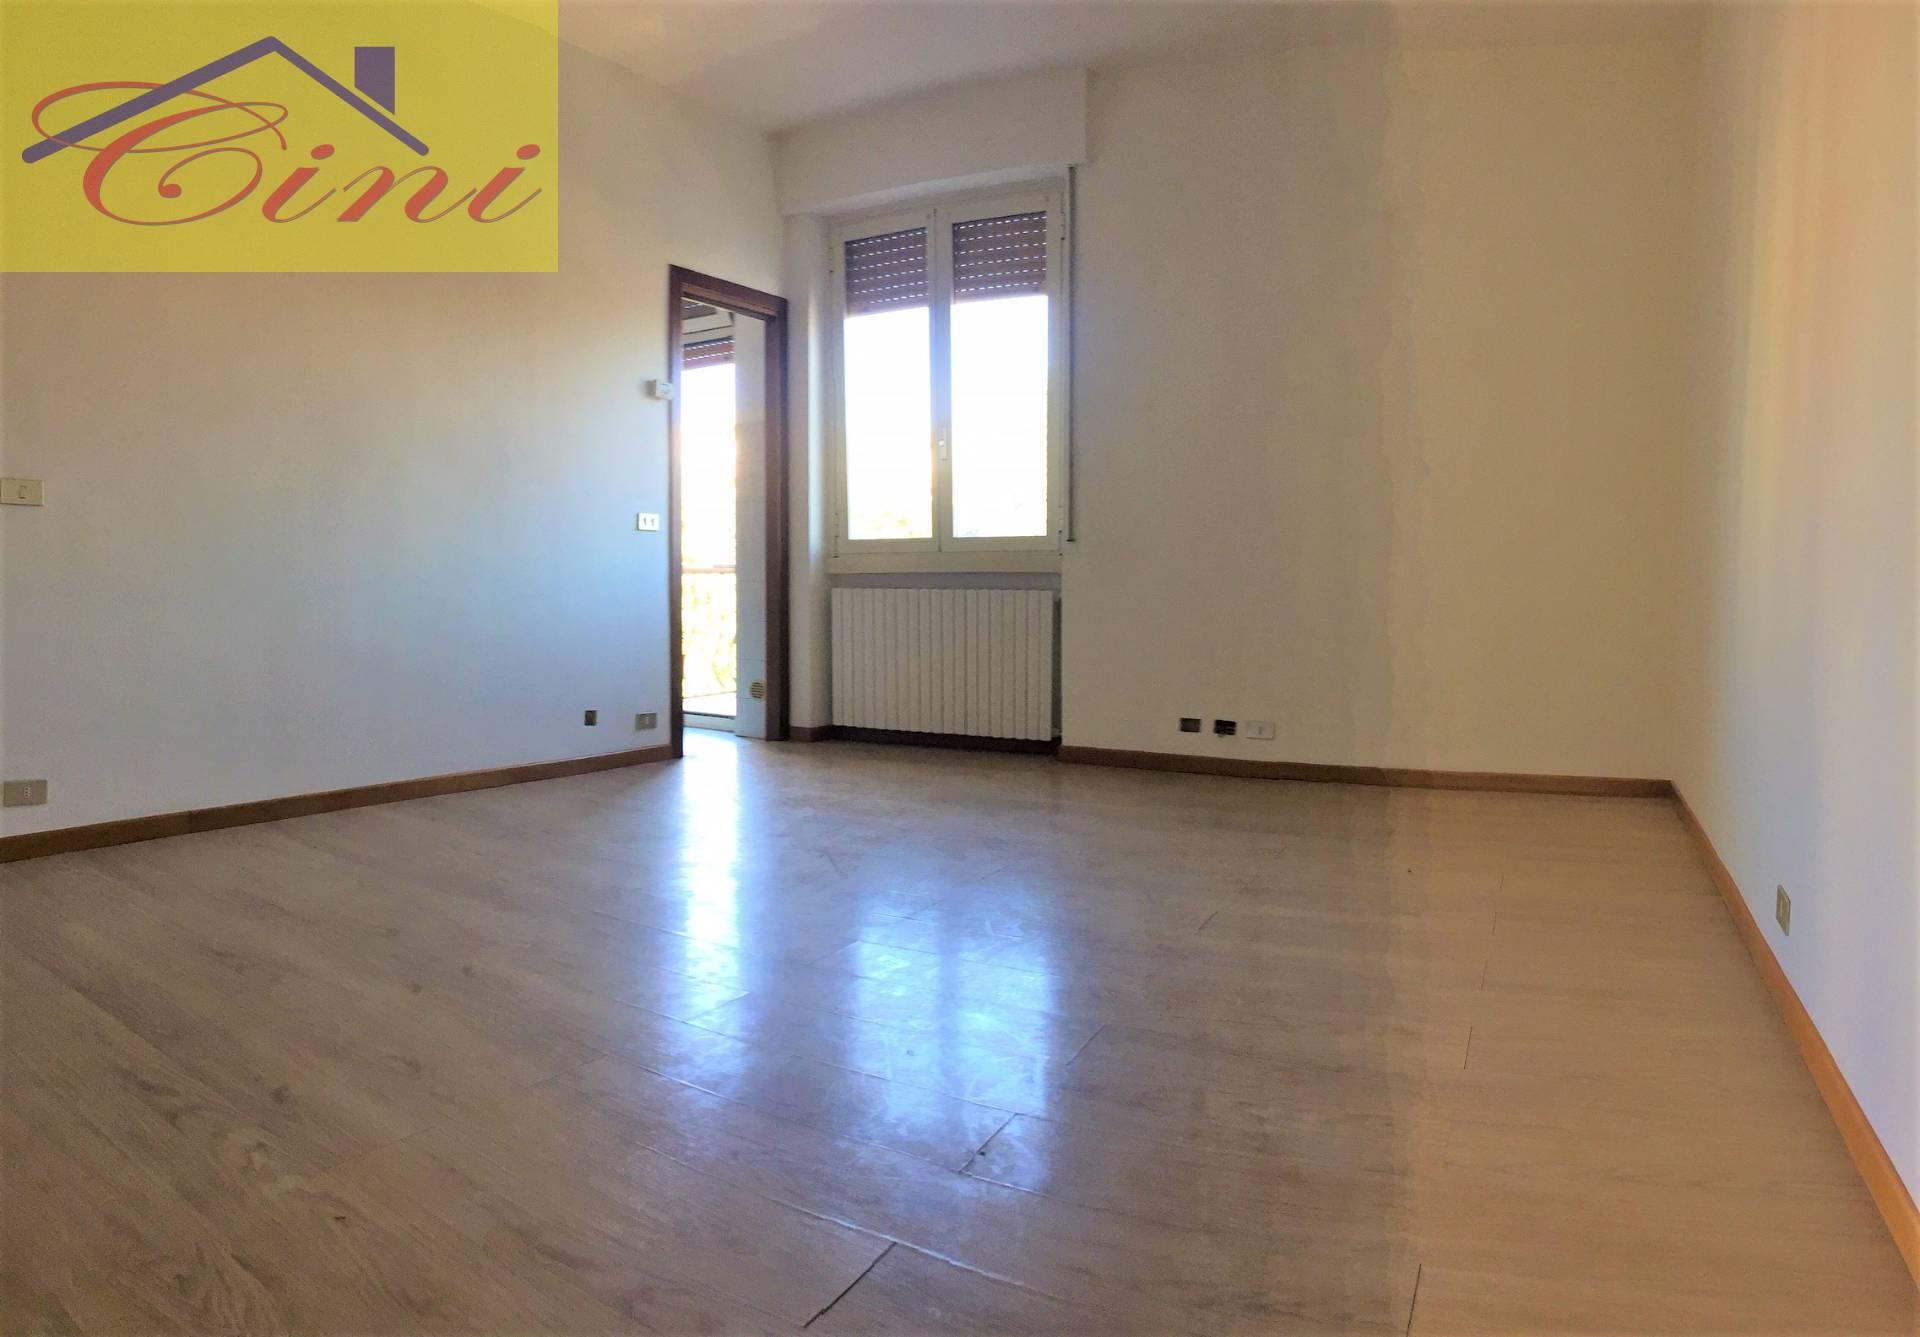 Appartamento in vendita a Merate, 2 locali, prezzo € 70.000 | PortaleAgenzieImmobiliari.it